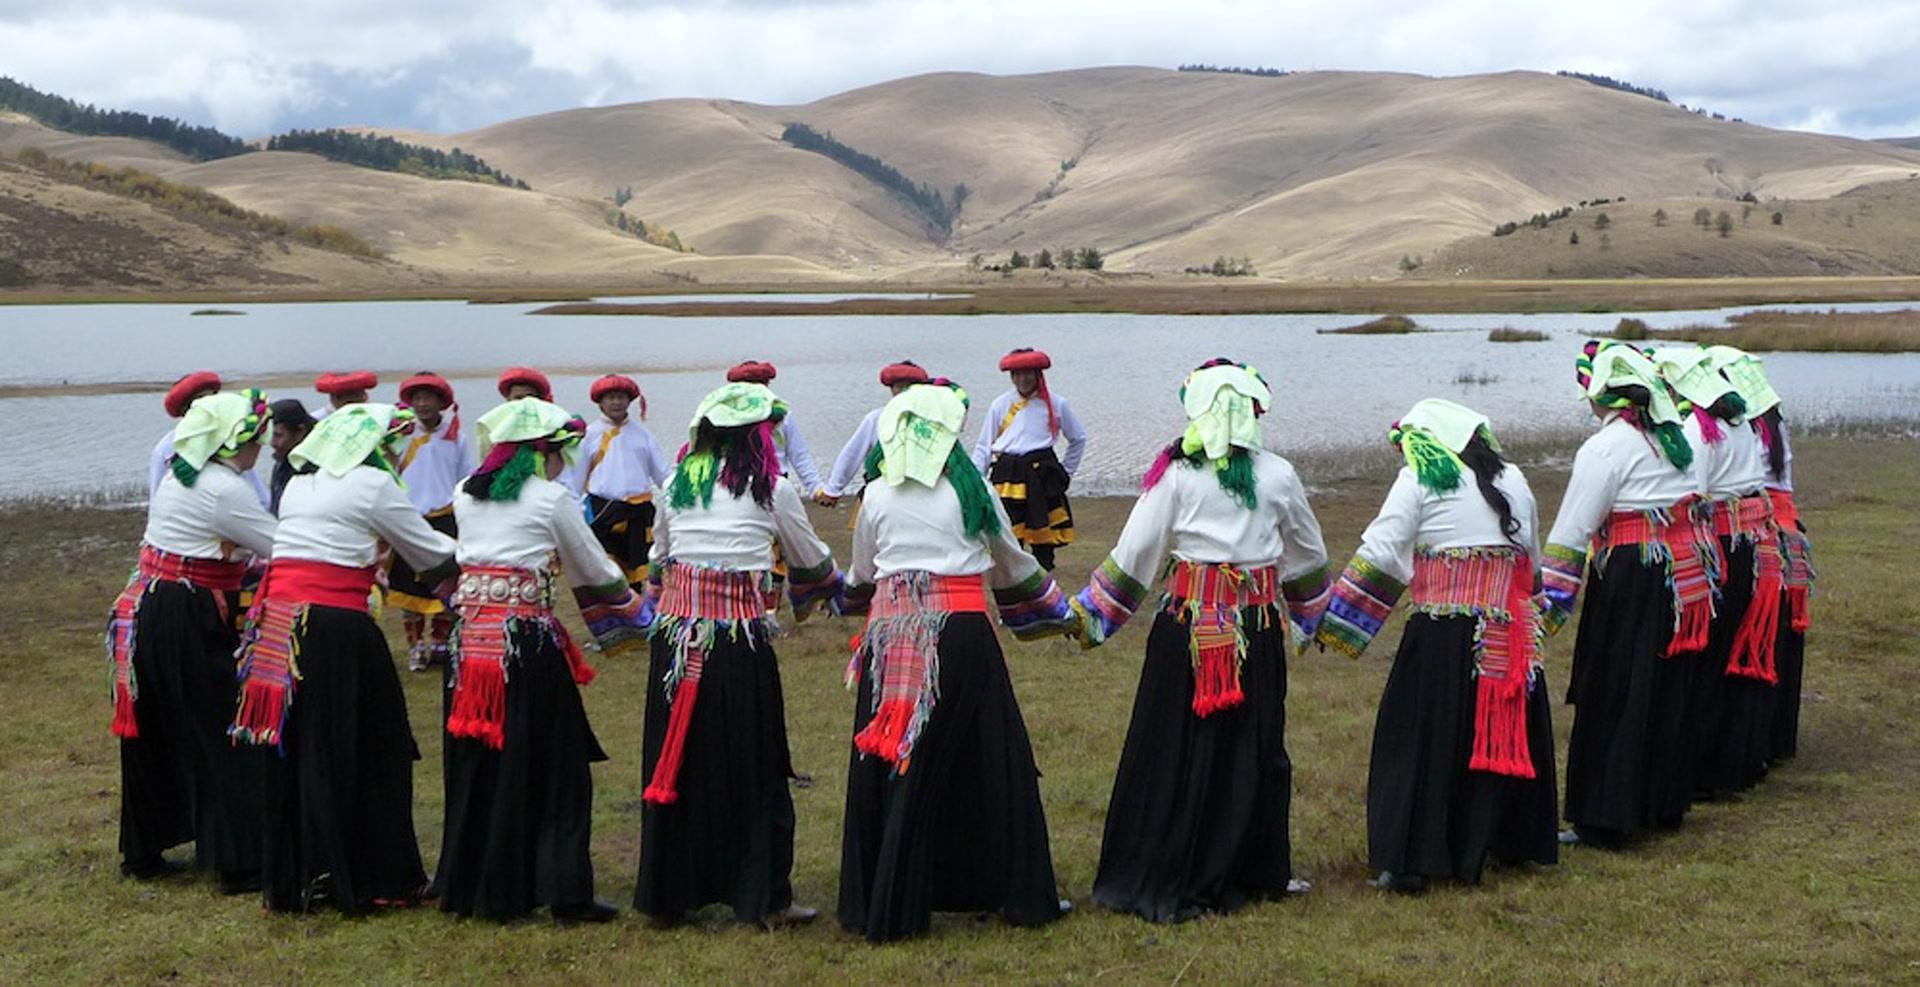 Danse folklorique traditionnelle des tibétains de Lizu, comté autonome de Muli Tibet (木里藏族自治县), Sichuan, Chine. Changhaizi, Muli, octobre 2011. Photo Katia Chirkova